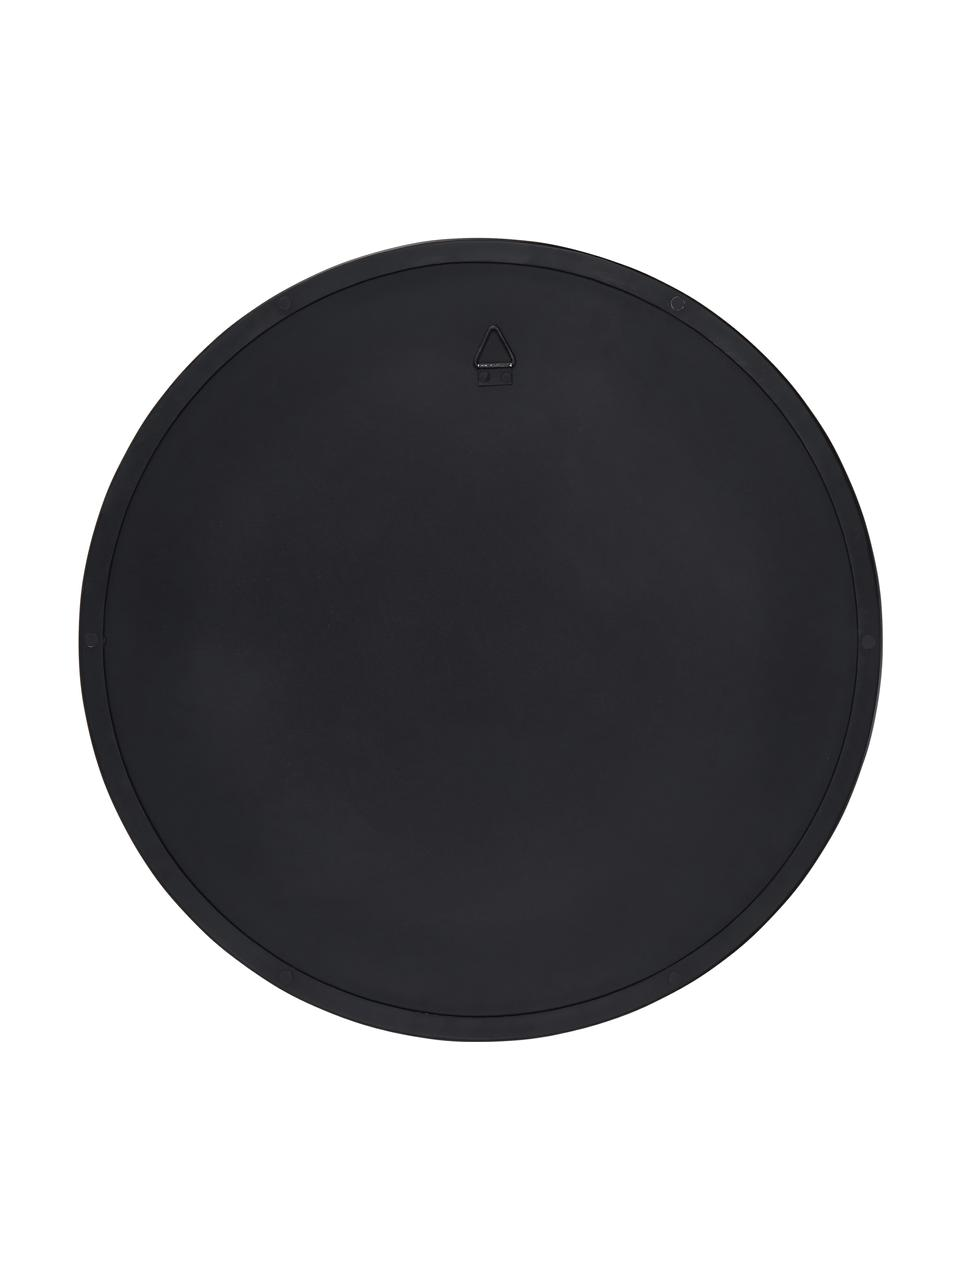 Runder Wandspiegel Ivy mit schwarzem Rahmen, Rahmen: Metall, pulverbeschichtet, Spiegelfläche: Spiegelglas, Rückseite: Mitteldichte Holzfaserpla, Schwarz, Ø 40 cm